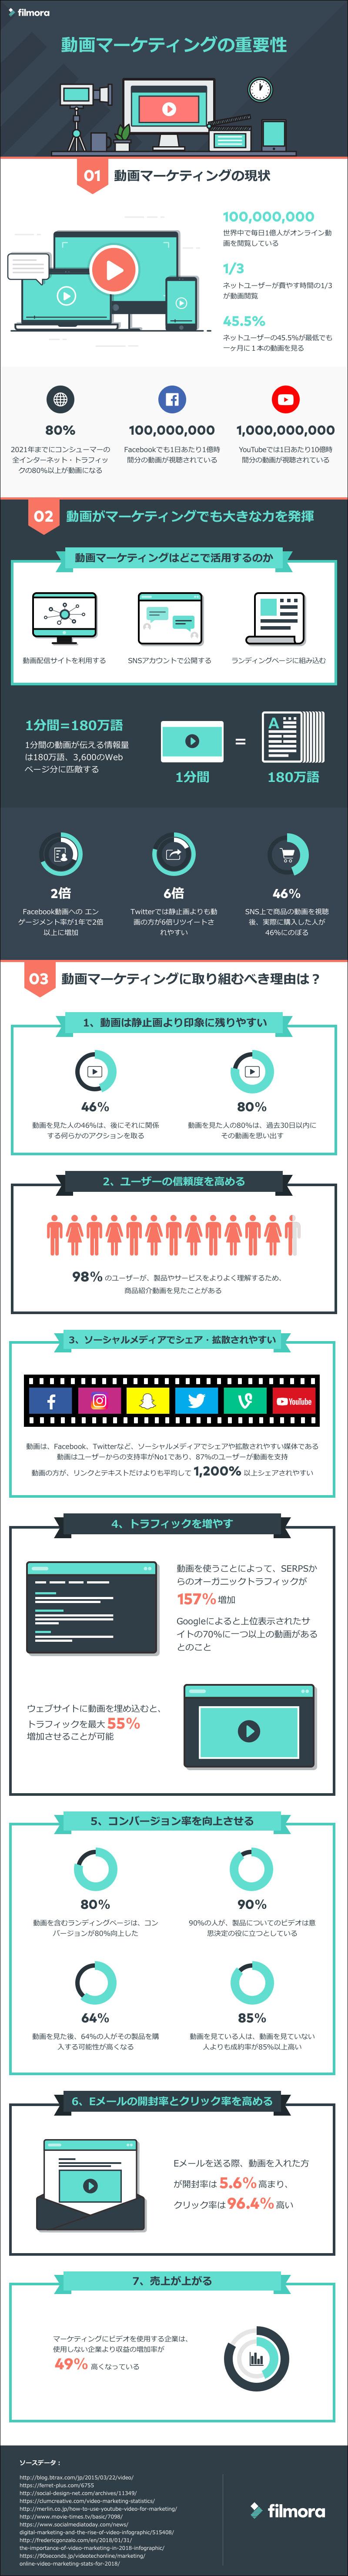 動画マーケティングの重要性